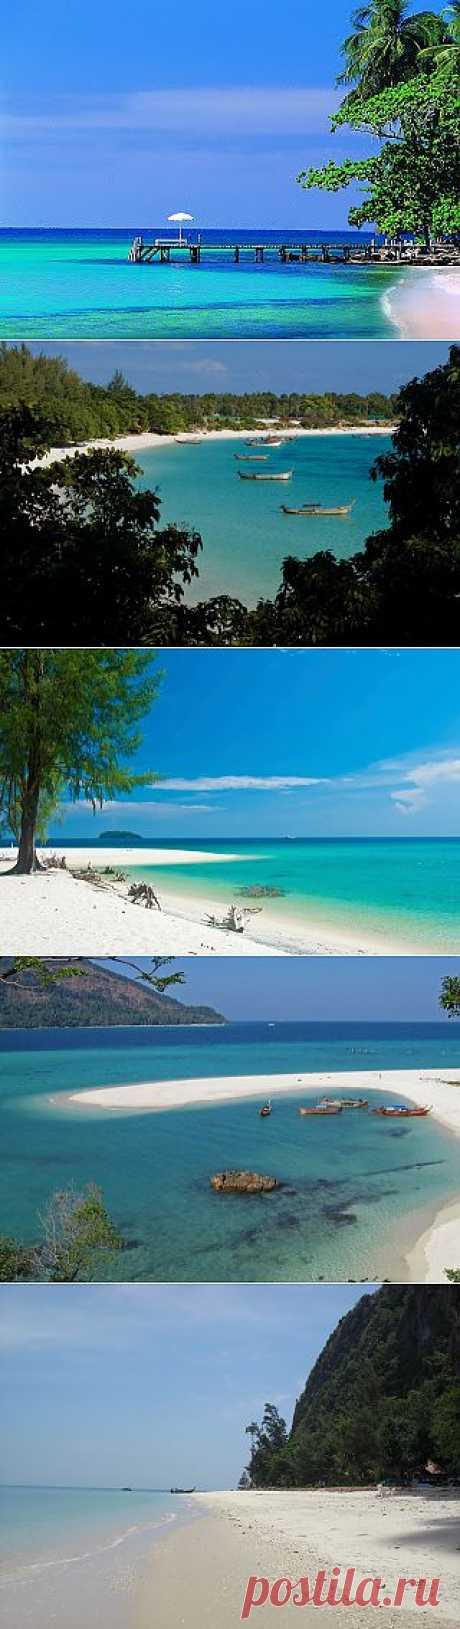 InVkus: Самые потайные пляжи Таиланда